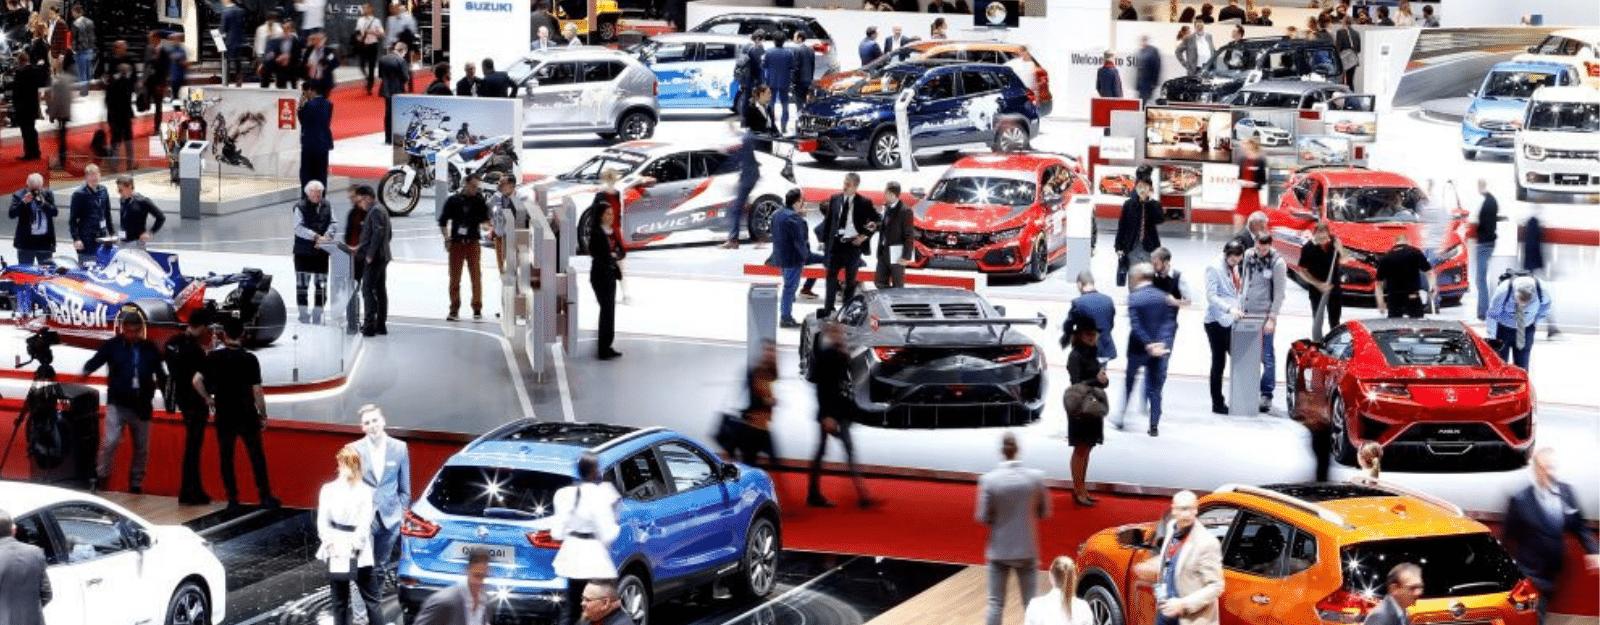 Salon auto 2021 – 2022 : les événements majeurs en France.